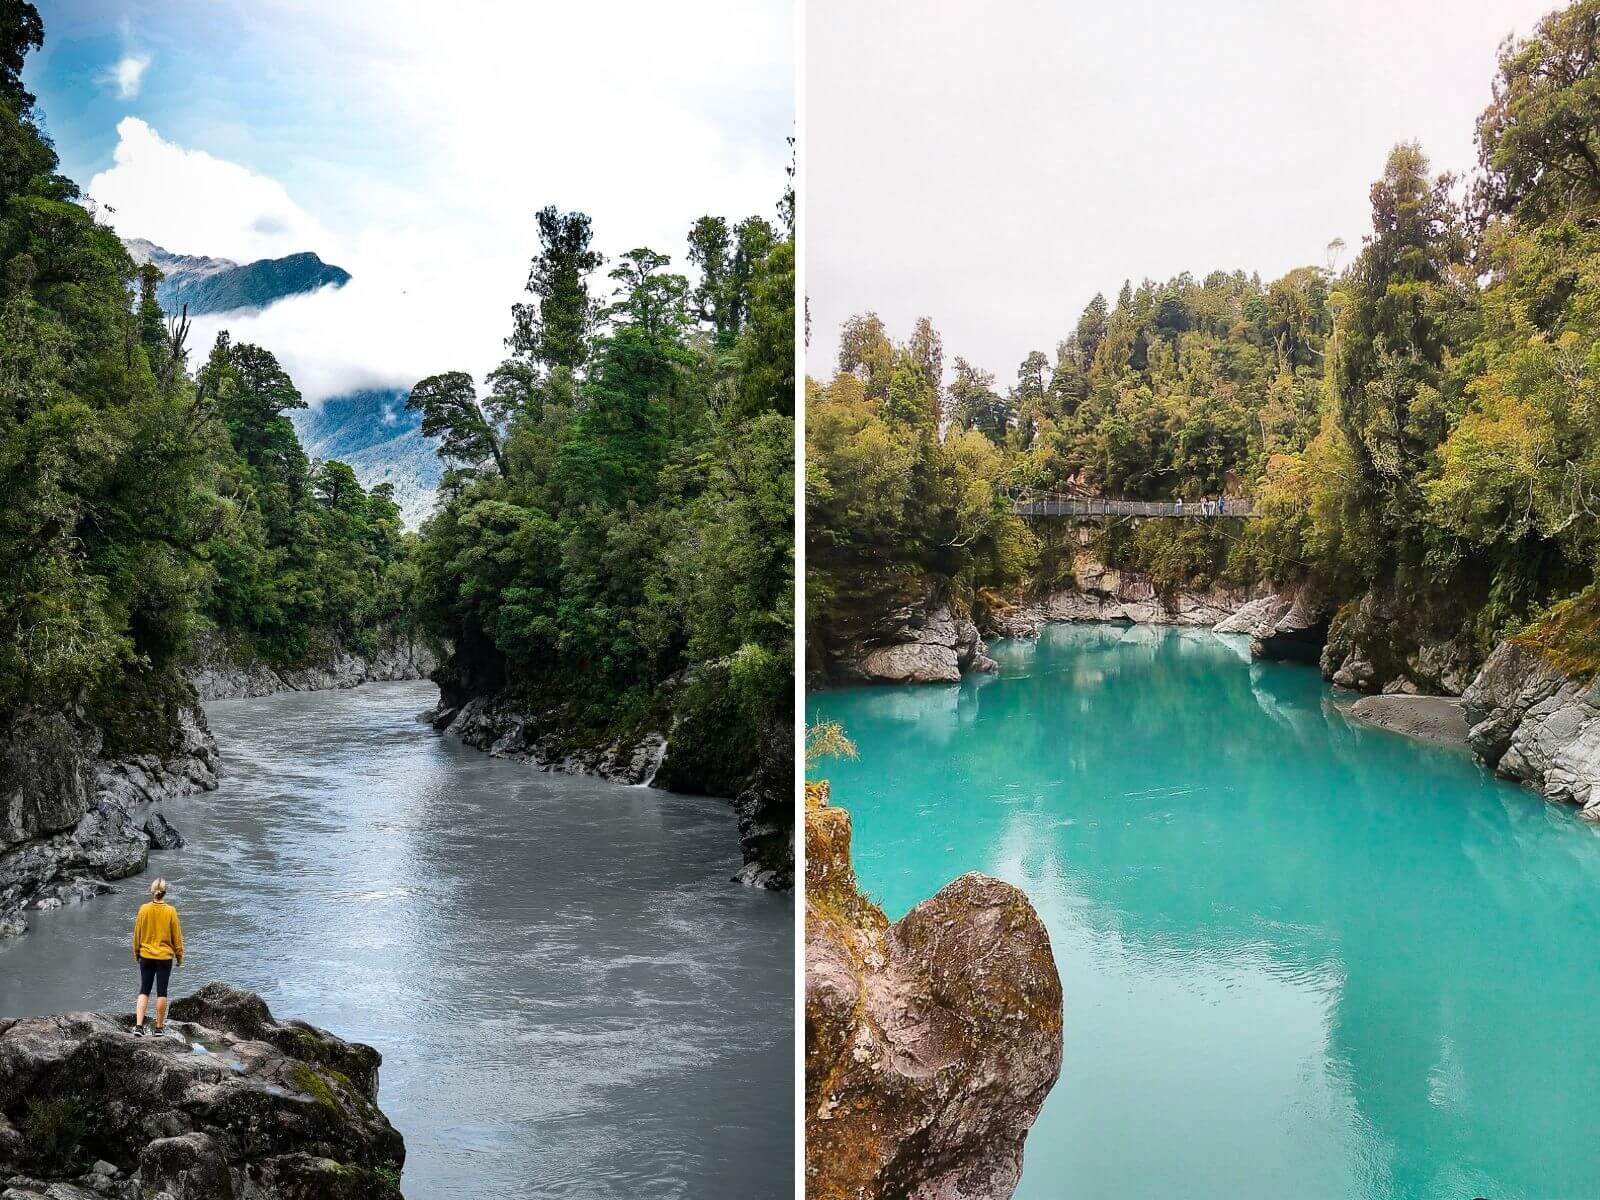 Hokitika Gorge - Zuidereiland Nieuw-Zeeland